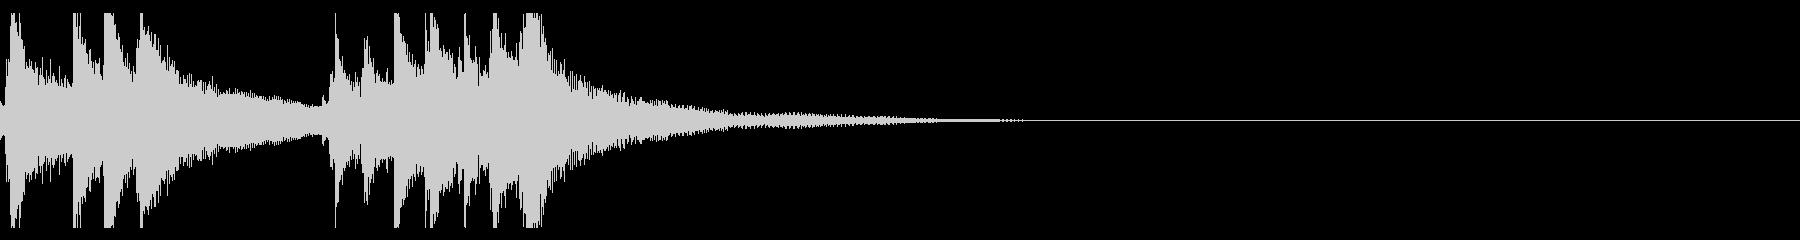 お琴の定番ジングル04の未再生の波形